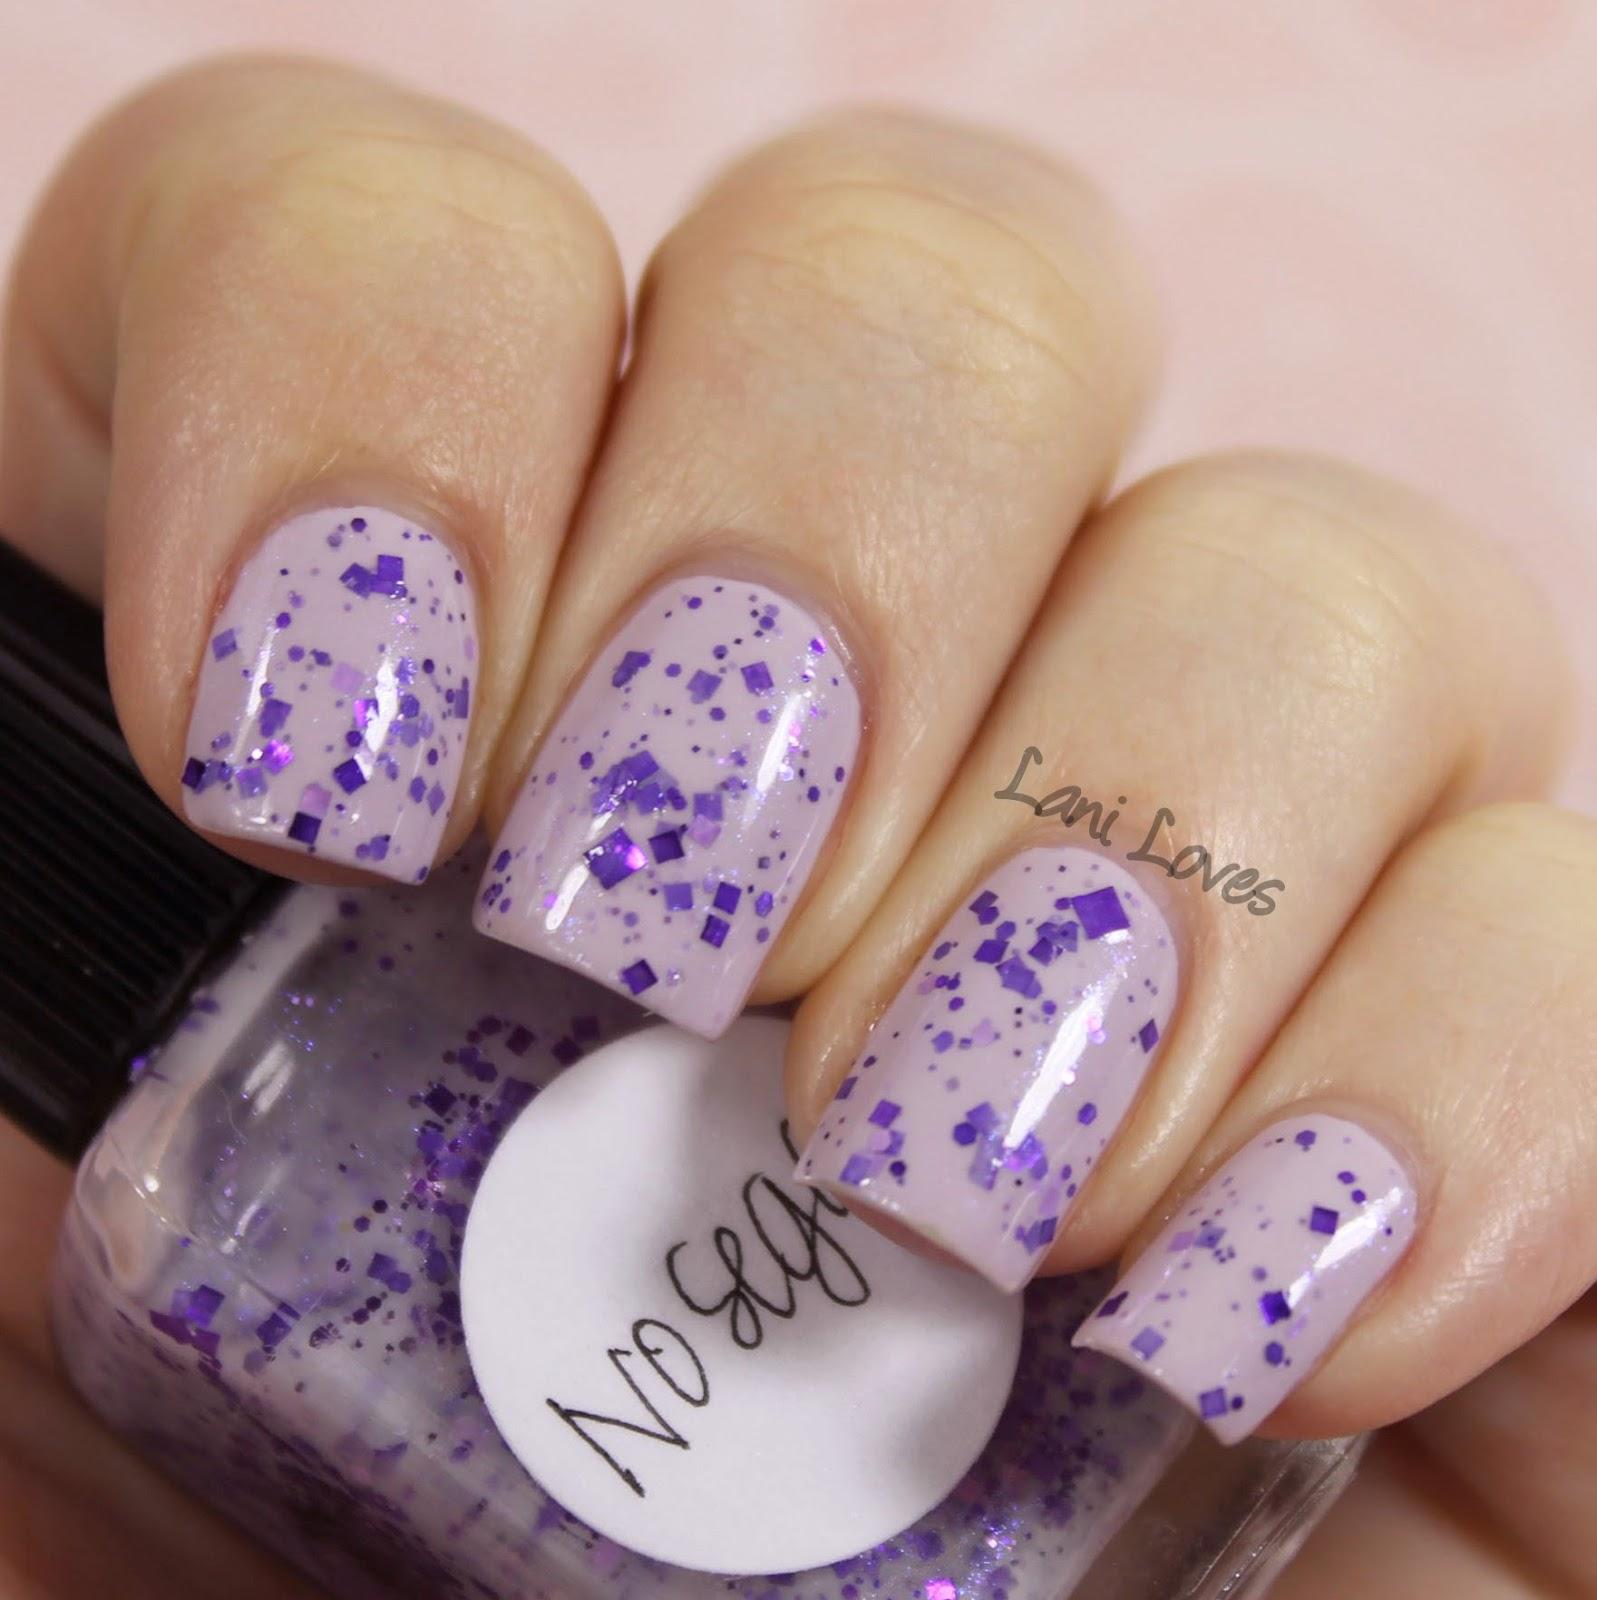 Lynnderella Nosegay nail polish swatch